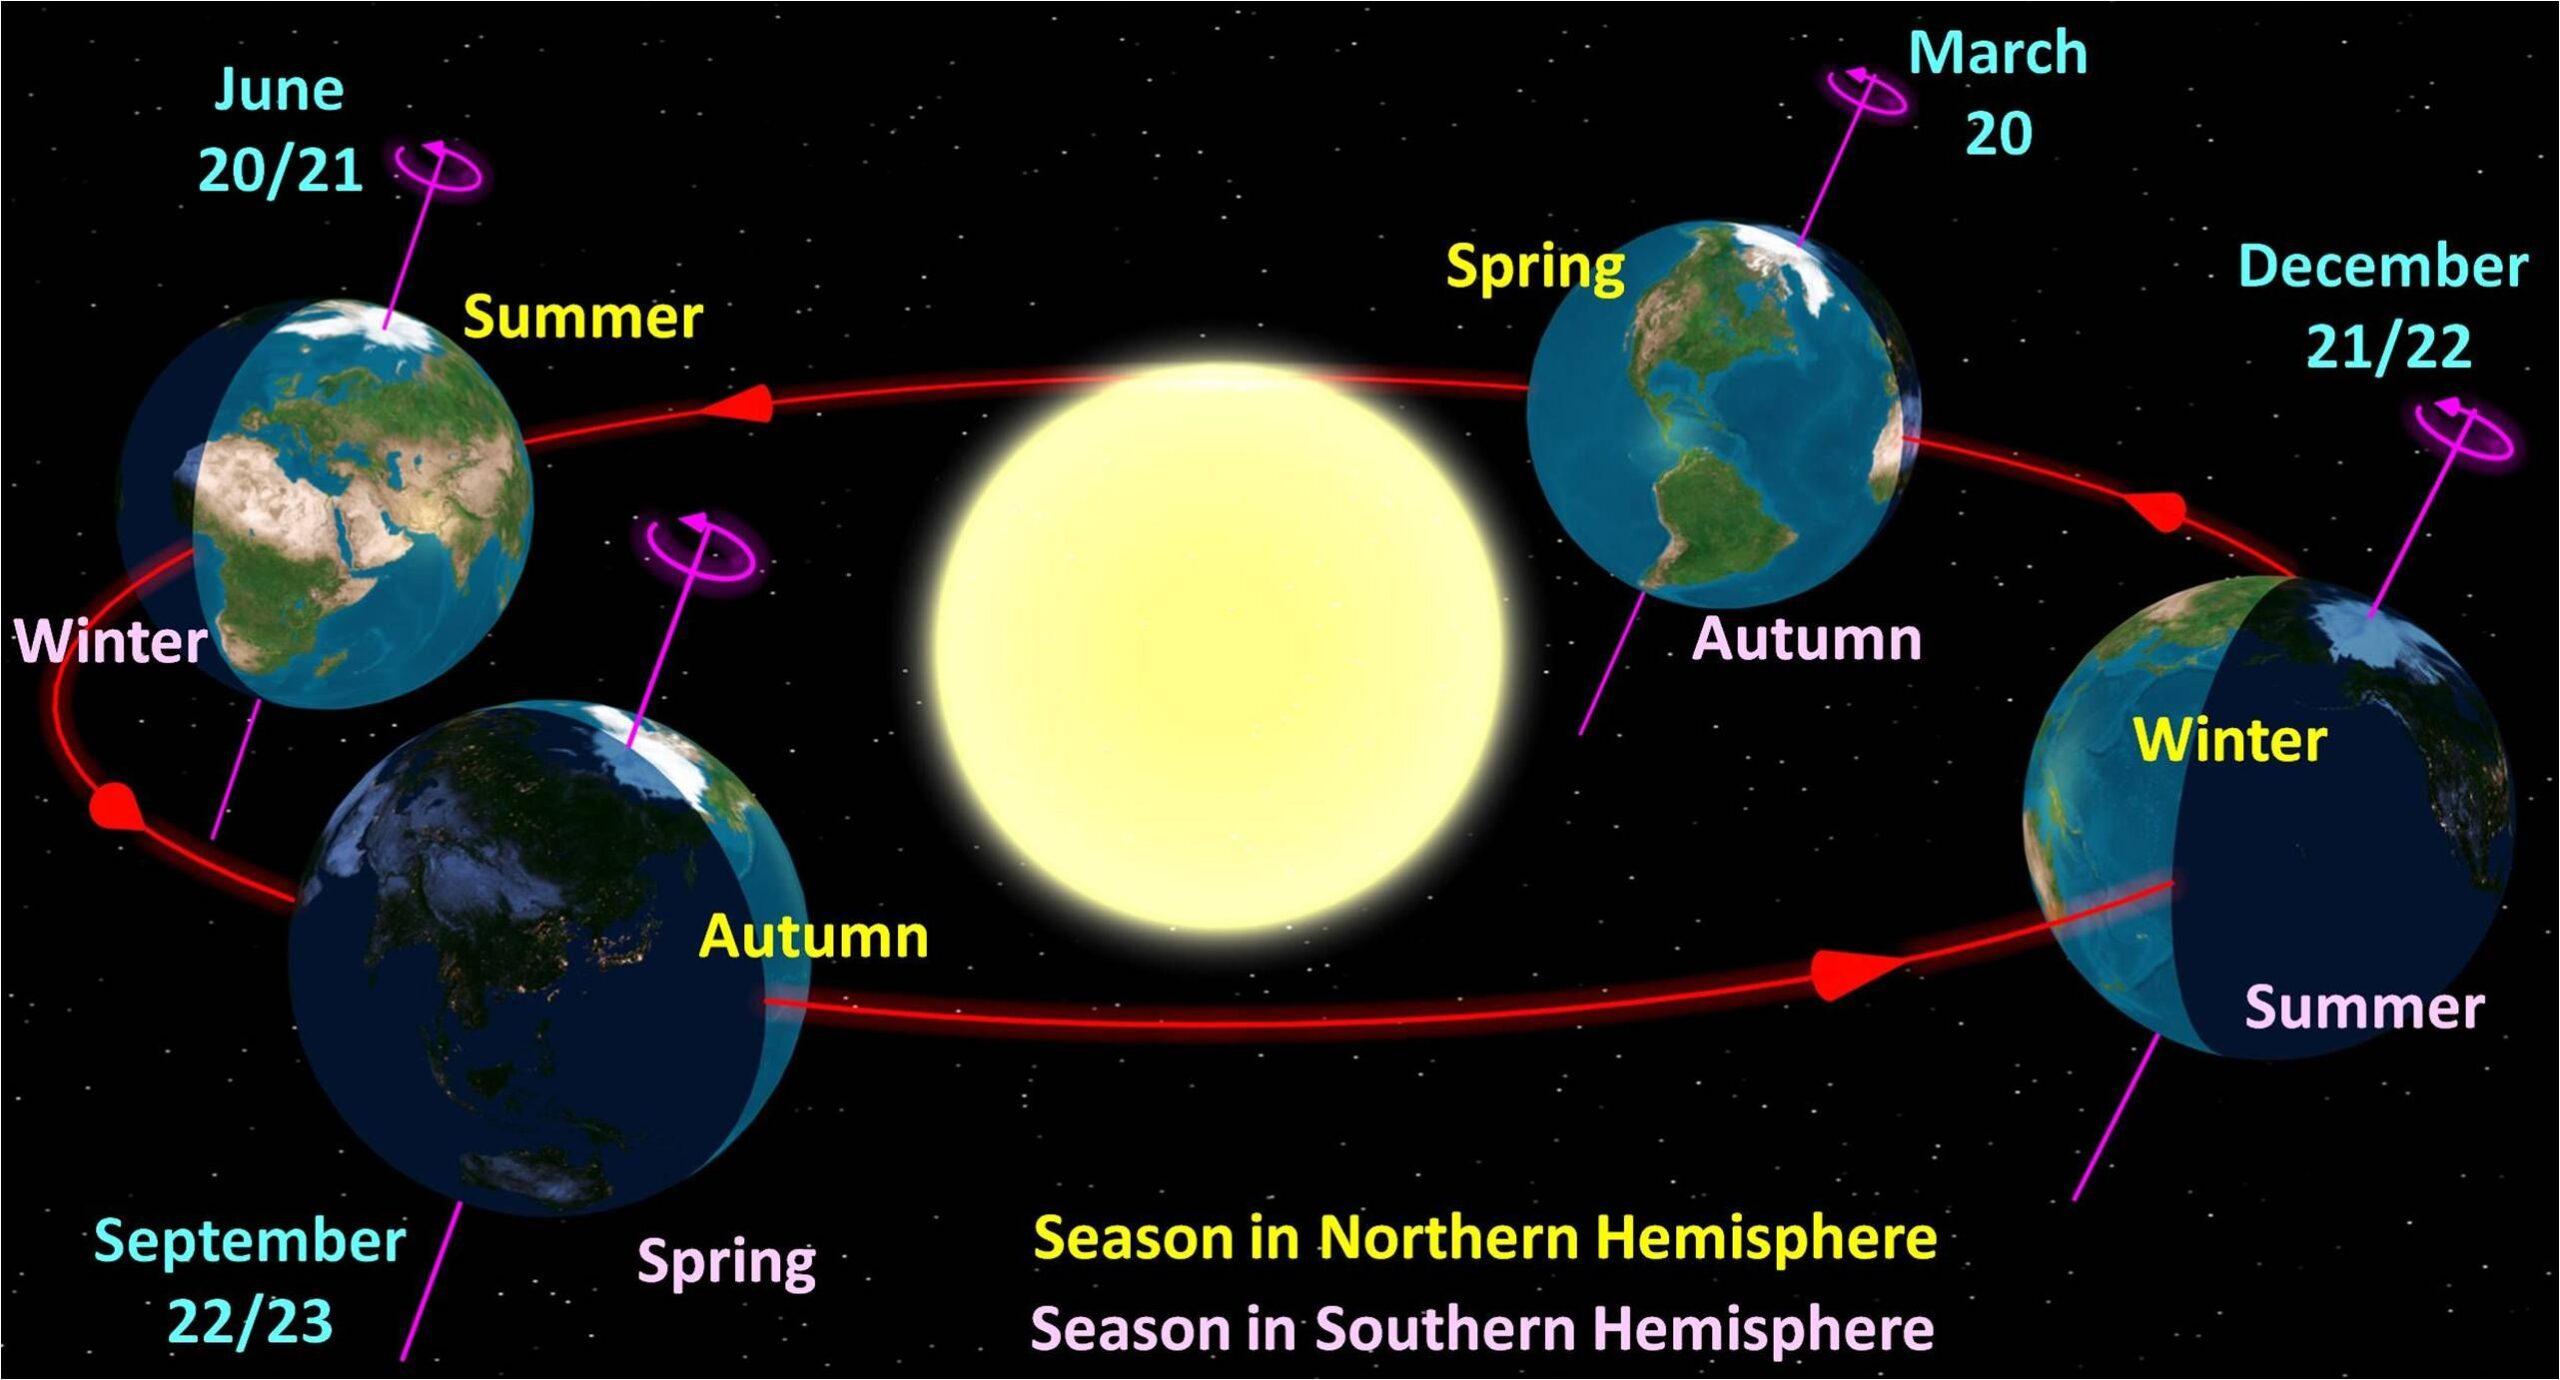 De aarde bij aanvang van de vier (astronomische) seizoenen, gezien vanuit het noorden (Wikimedia Commons, Tauʻolunga).